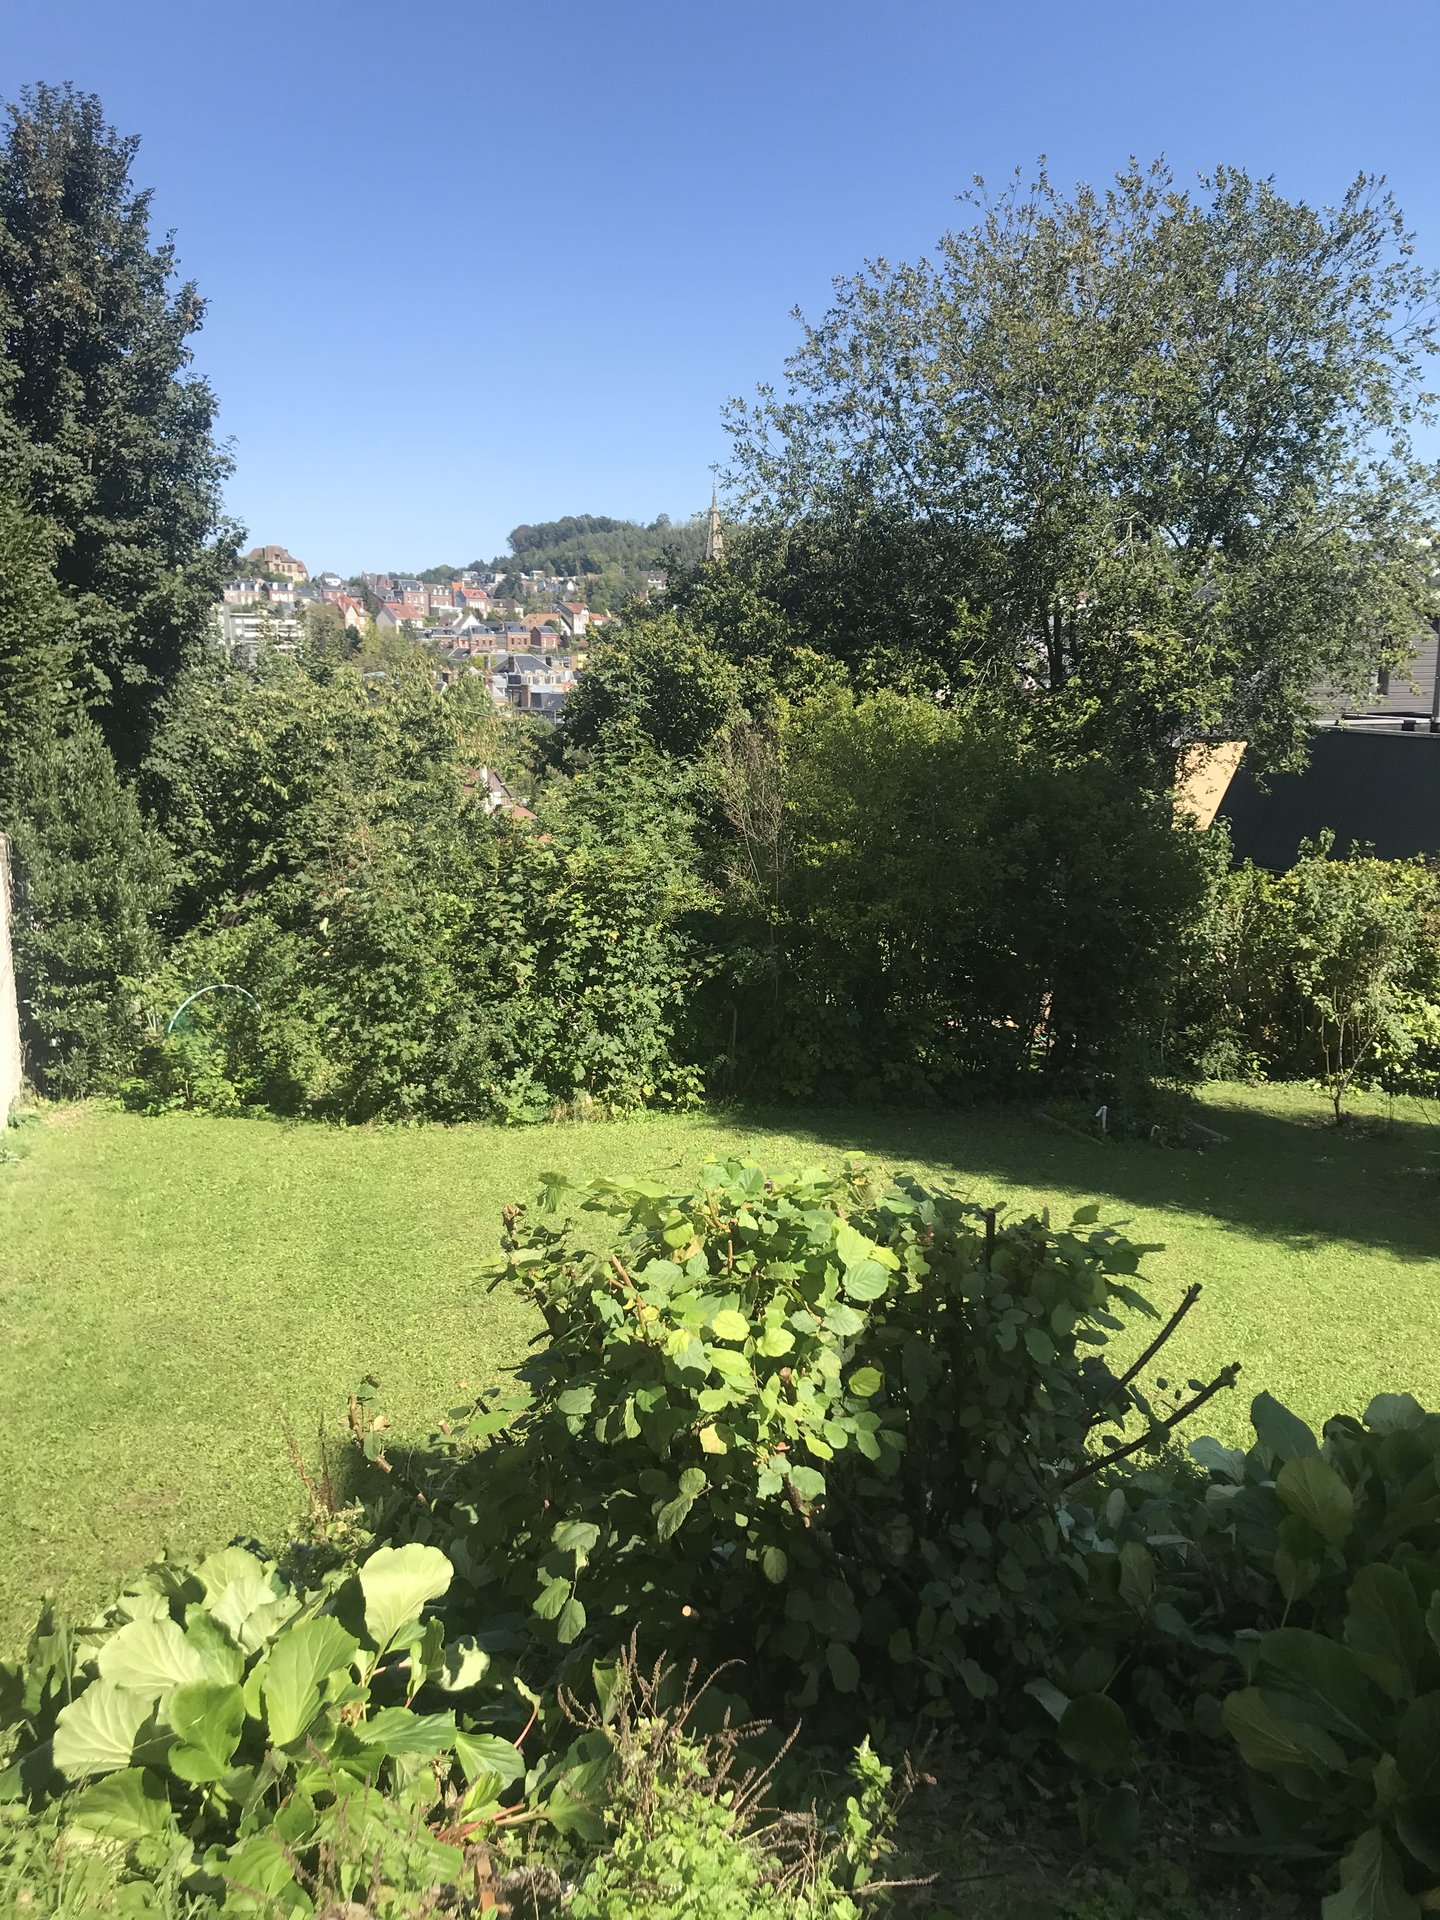 Terrain à bâtir Mont-Saint-Aignan proche quartier St André.